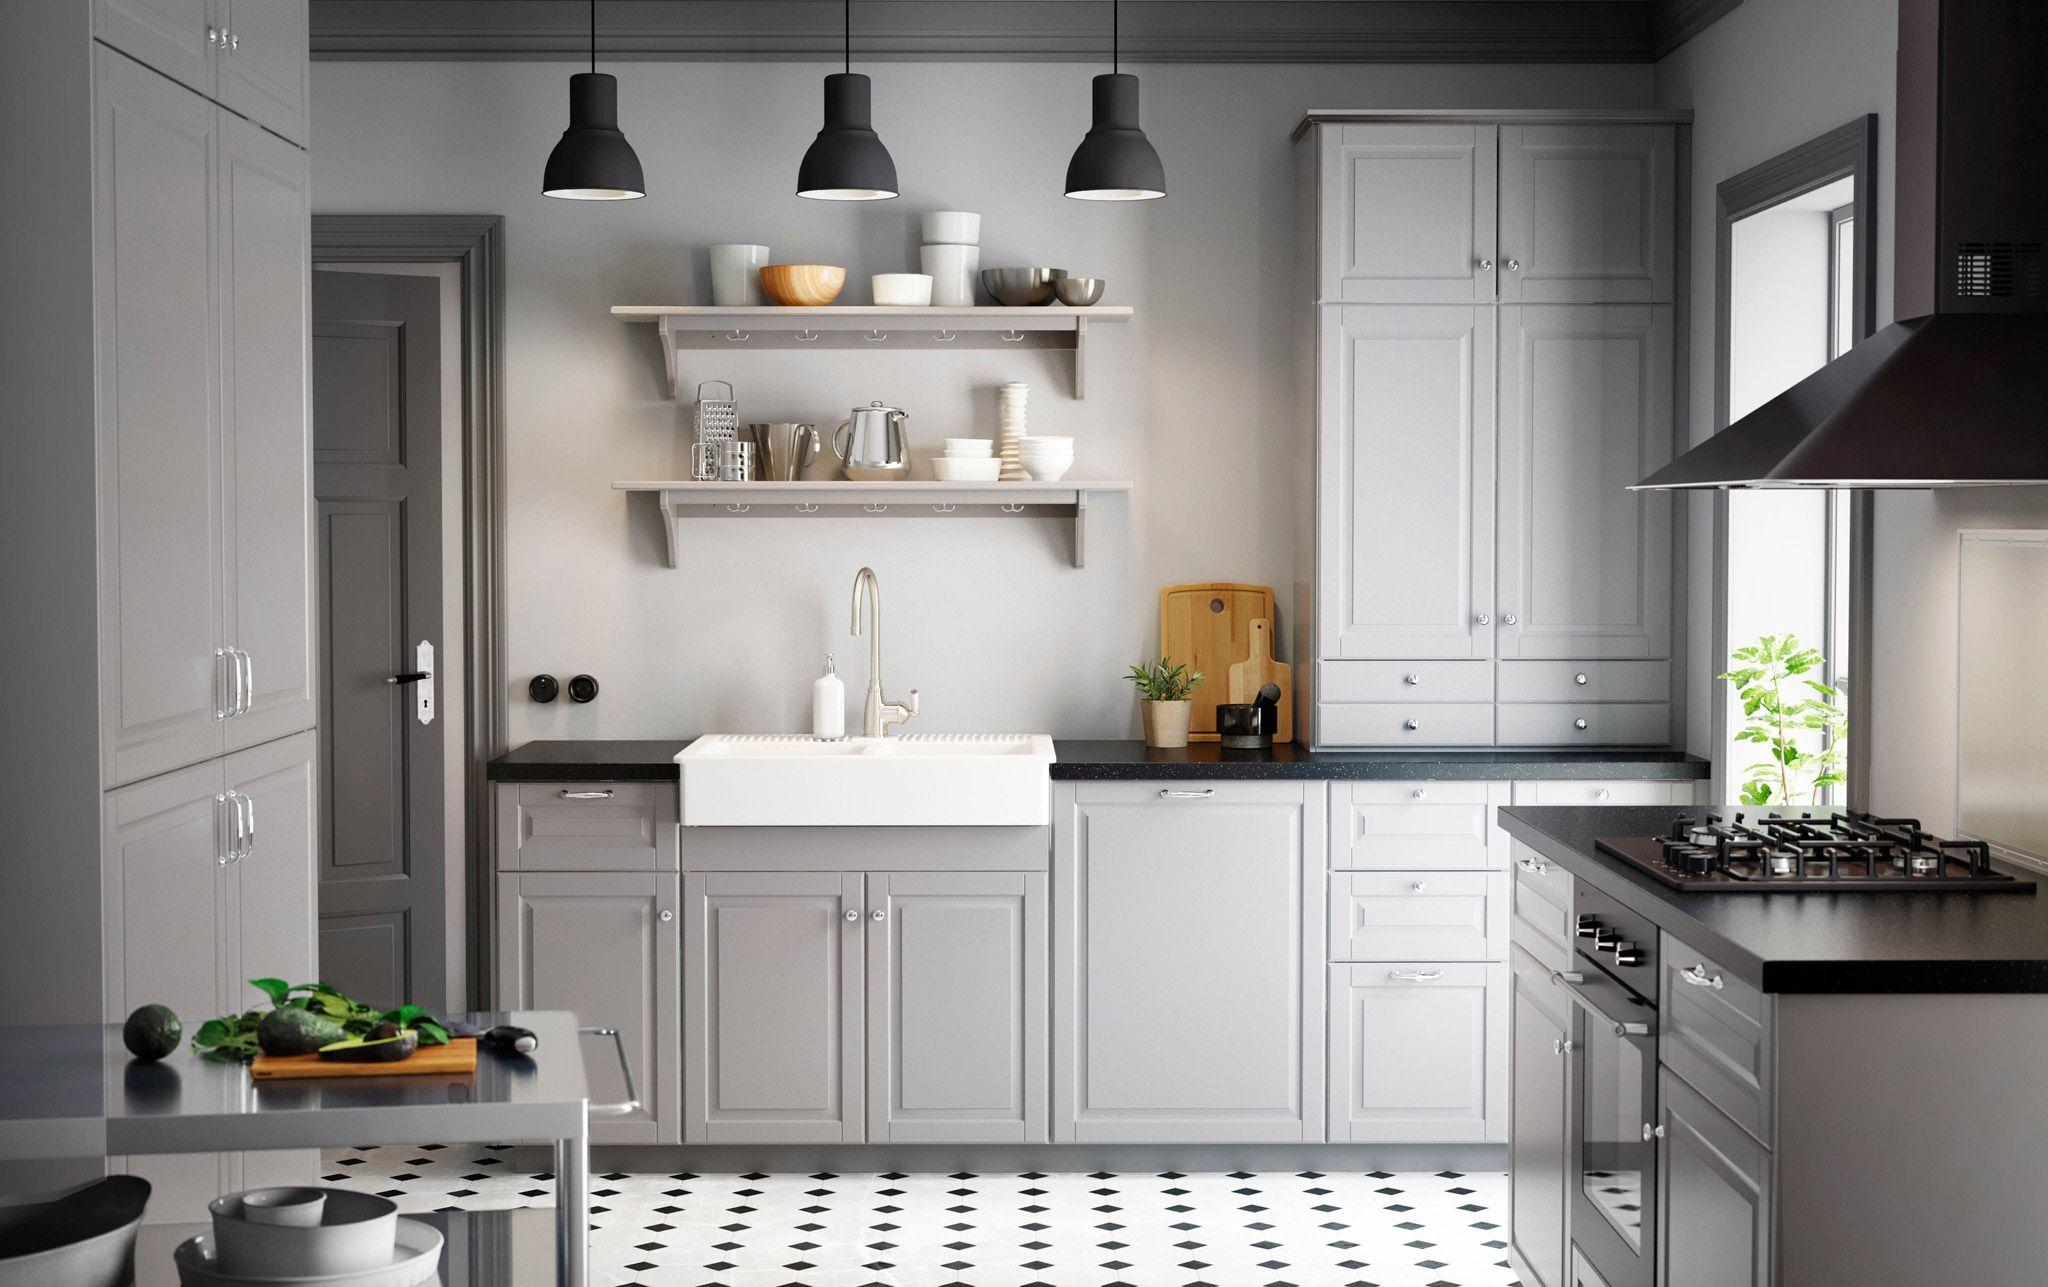 Backsplash Für Grau Schränke Blass Graue Küche Einheiten